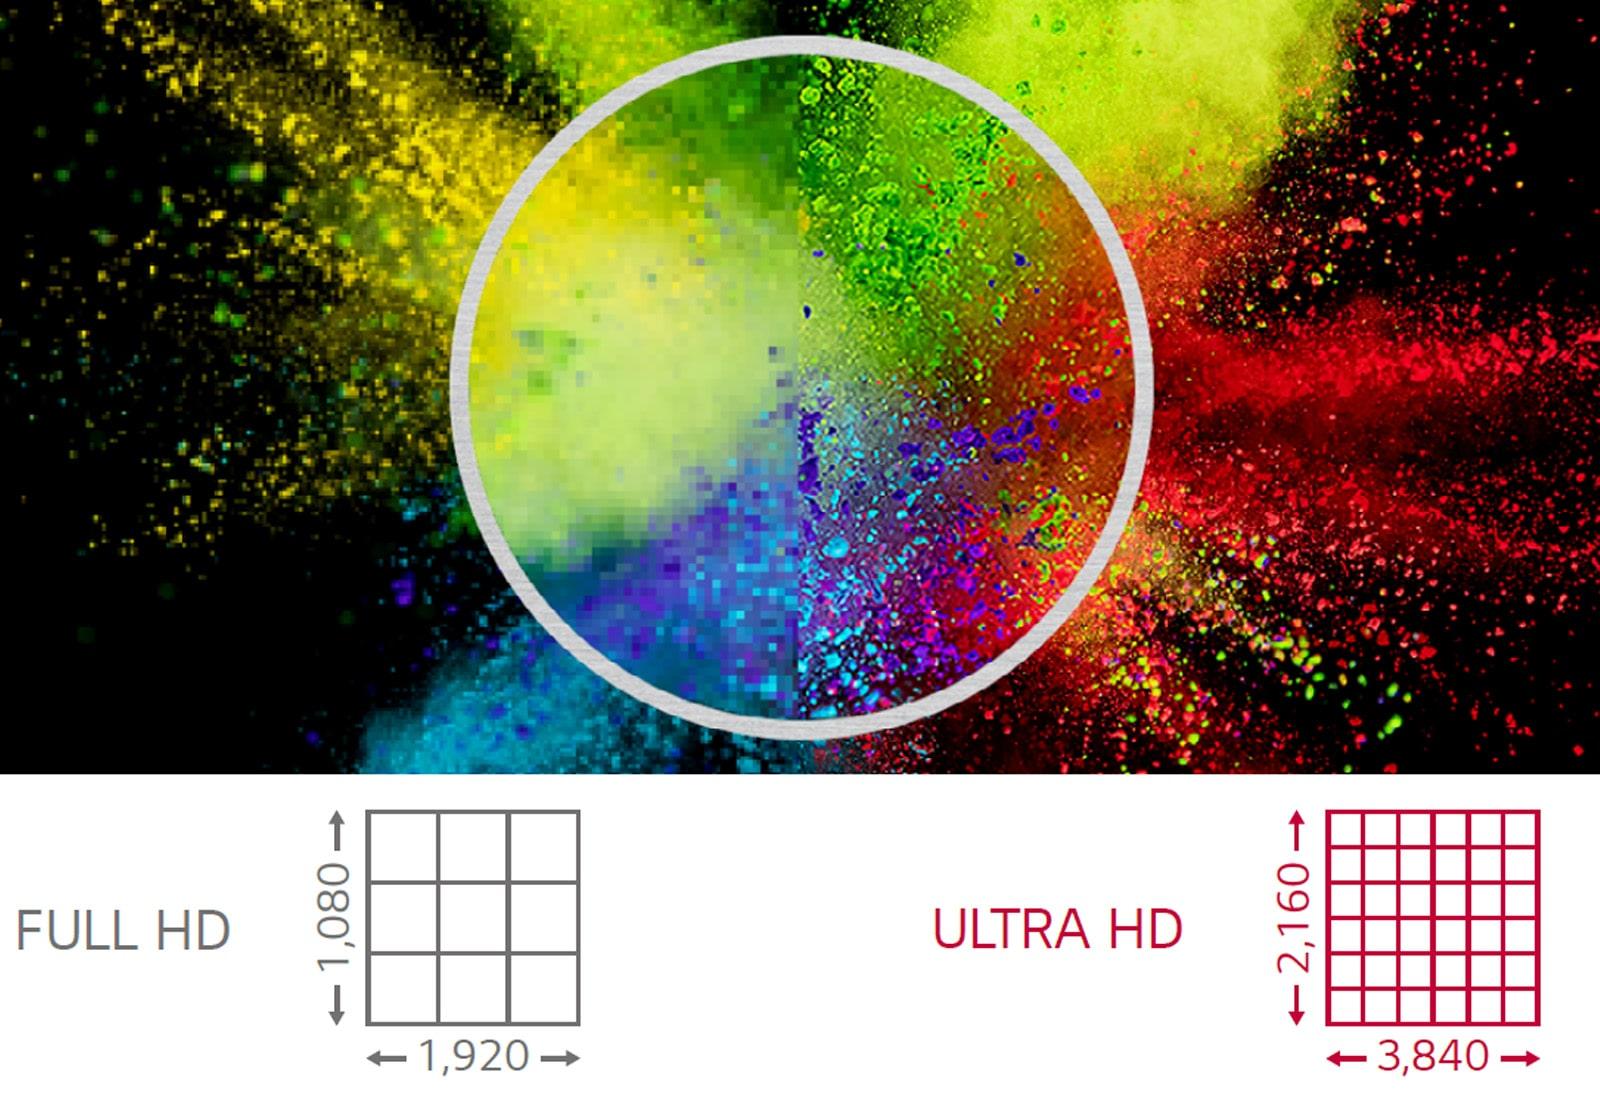 Rozdzielczość ULTRA HD